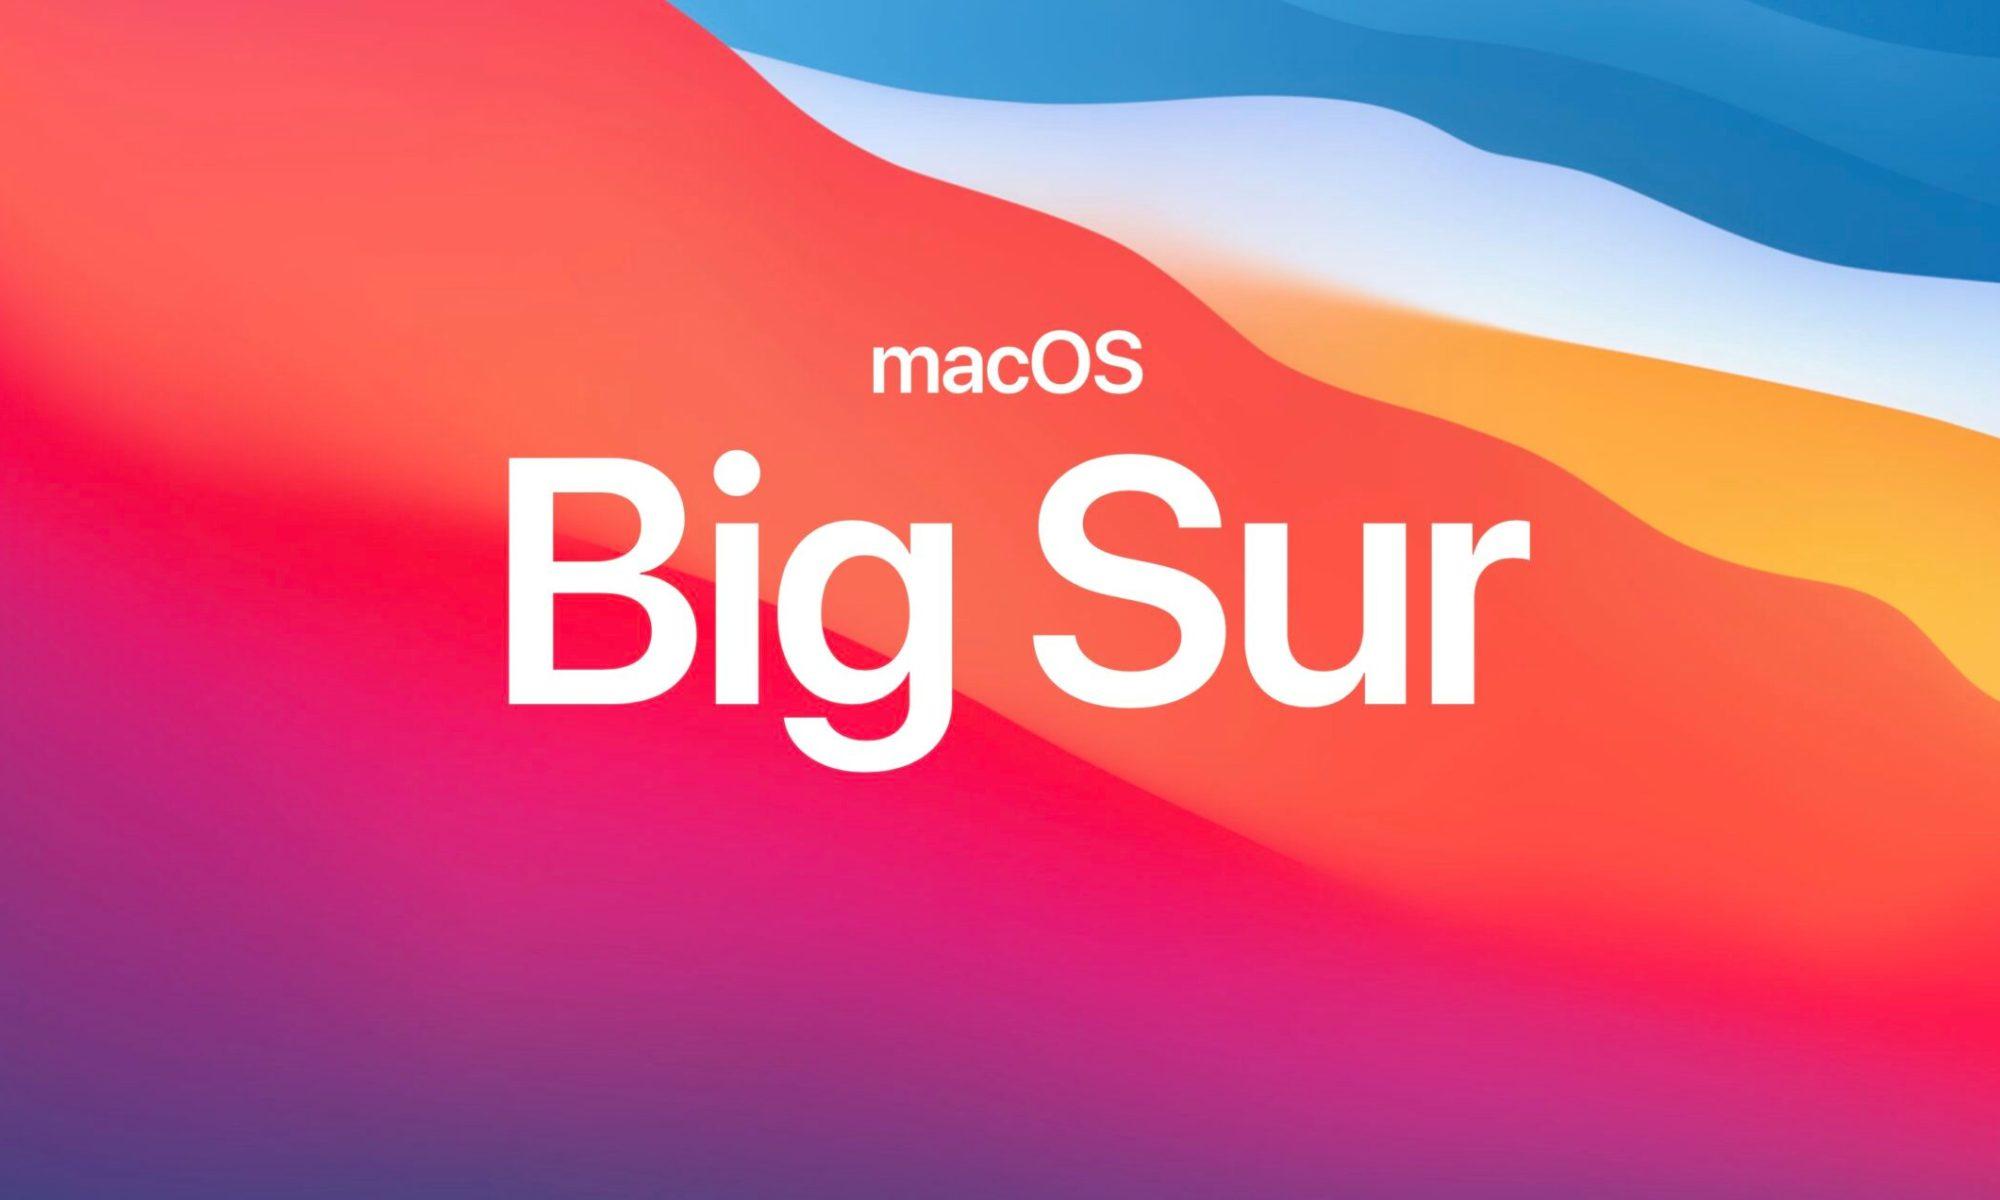 Actualizaciones: macOS Big Sur 11.5.2 trae corrección de errores a nuestros Mac